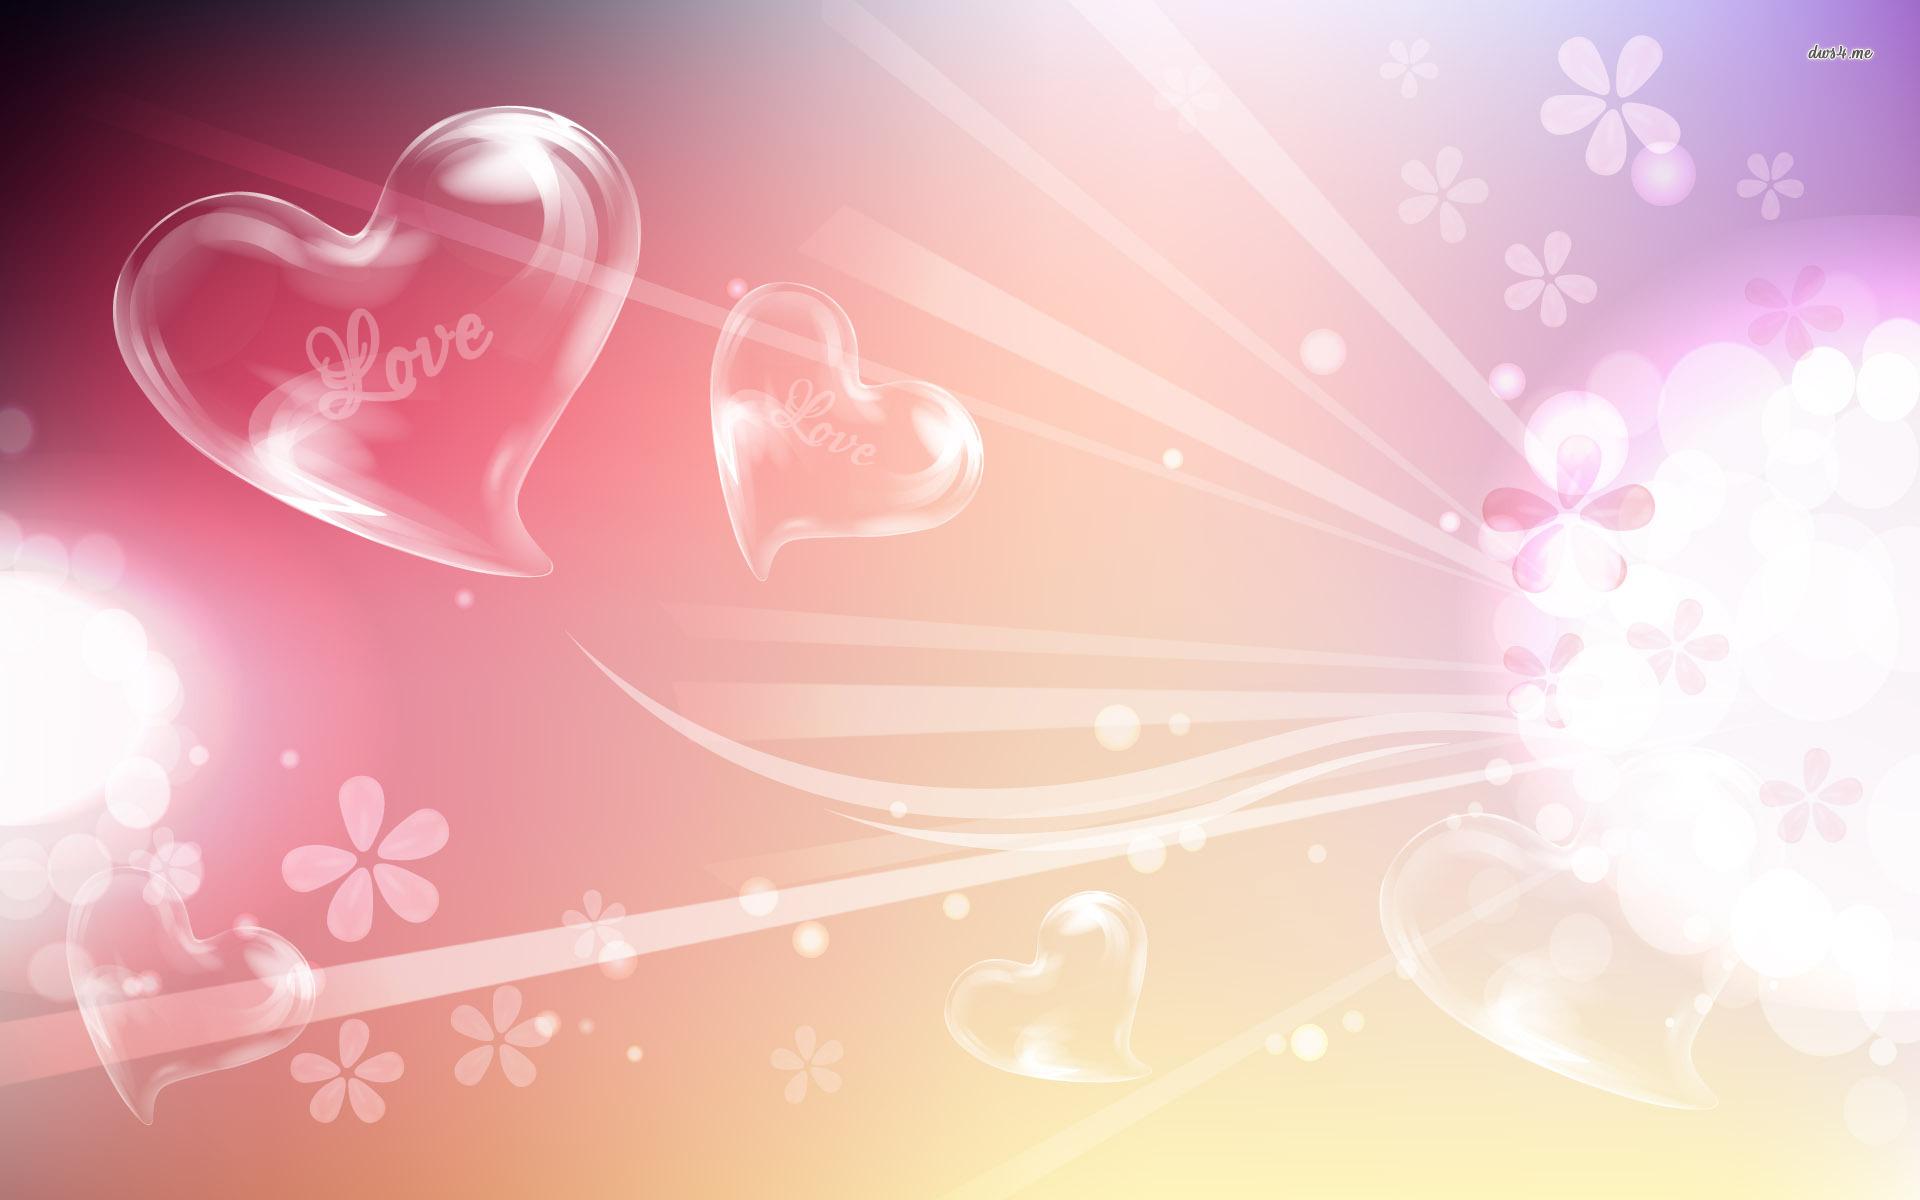 Hình nền trái tim nhẹ nhàng